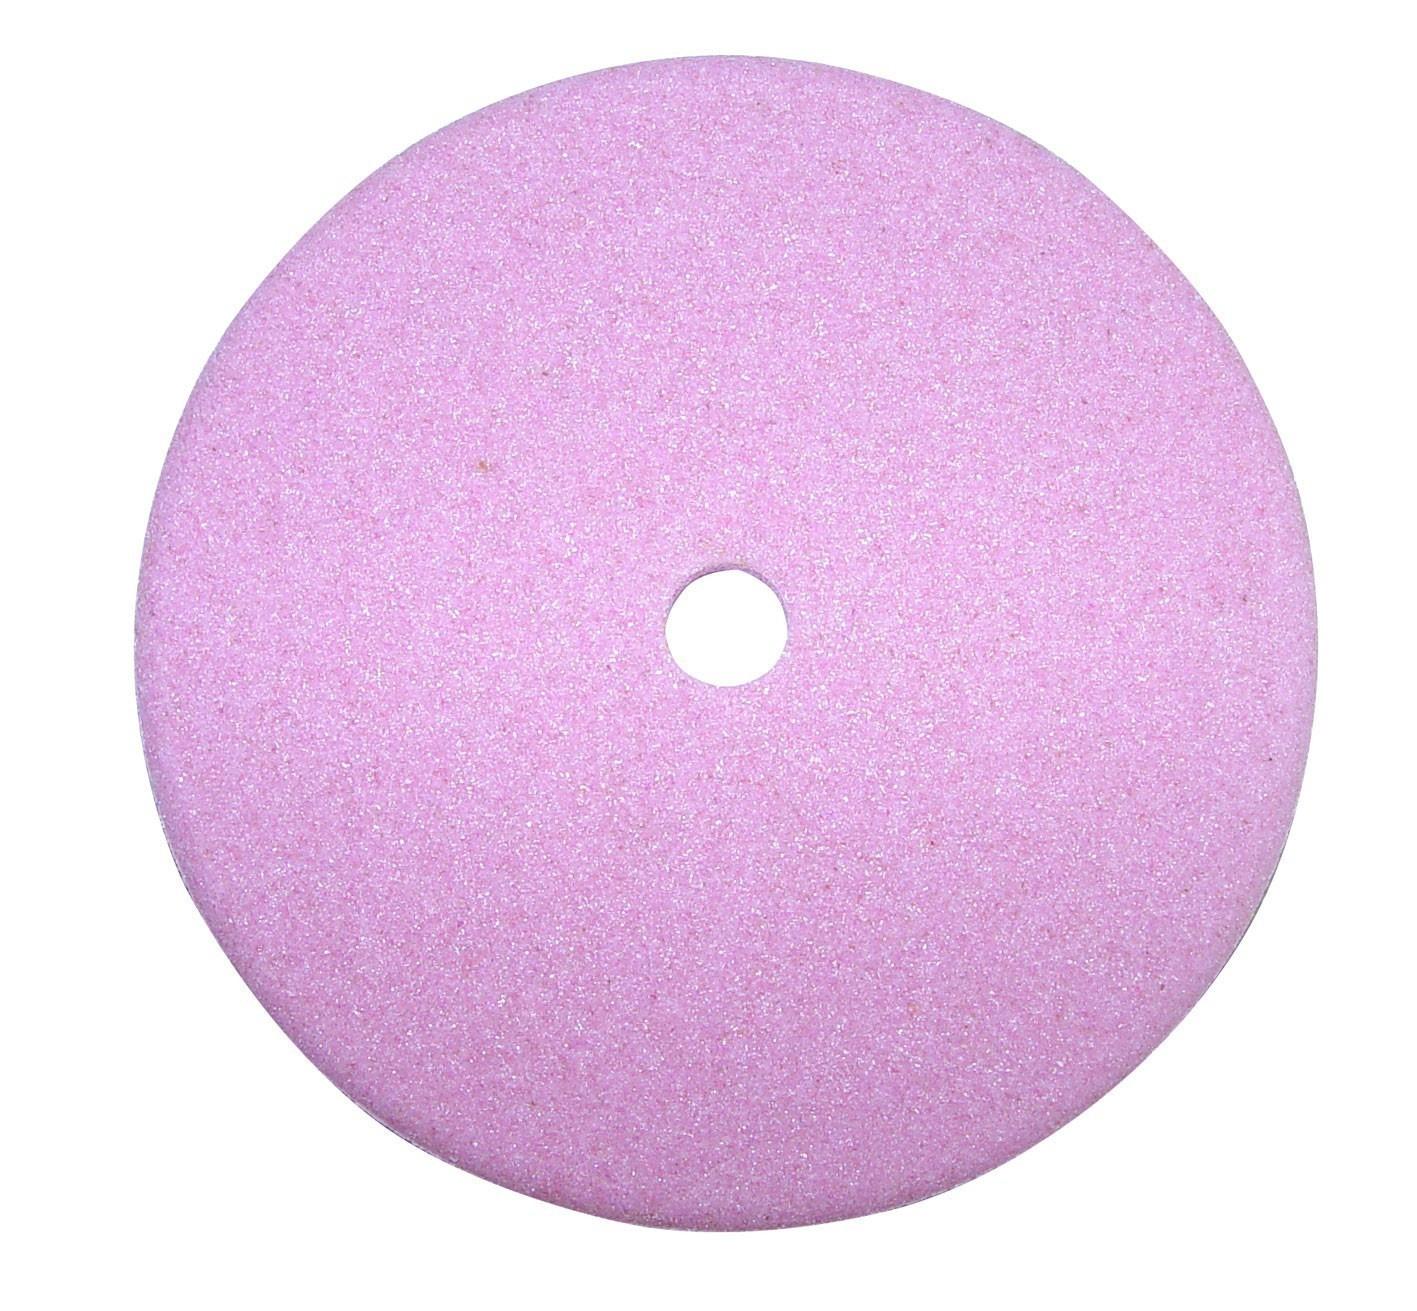 Schleifscheibe 6 mm für Güde Sägekettenschärfgerät P2300 A & P2501 S Bild 1